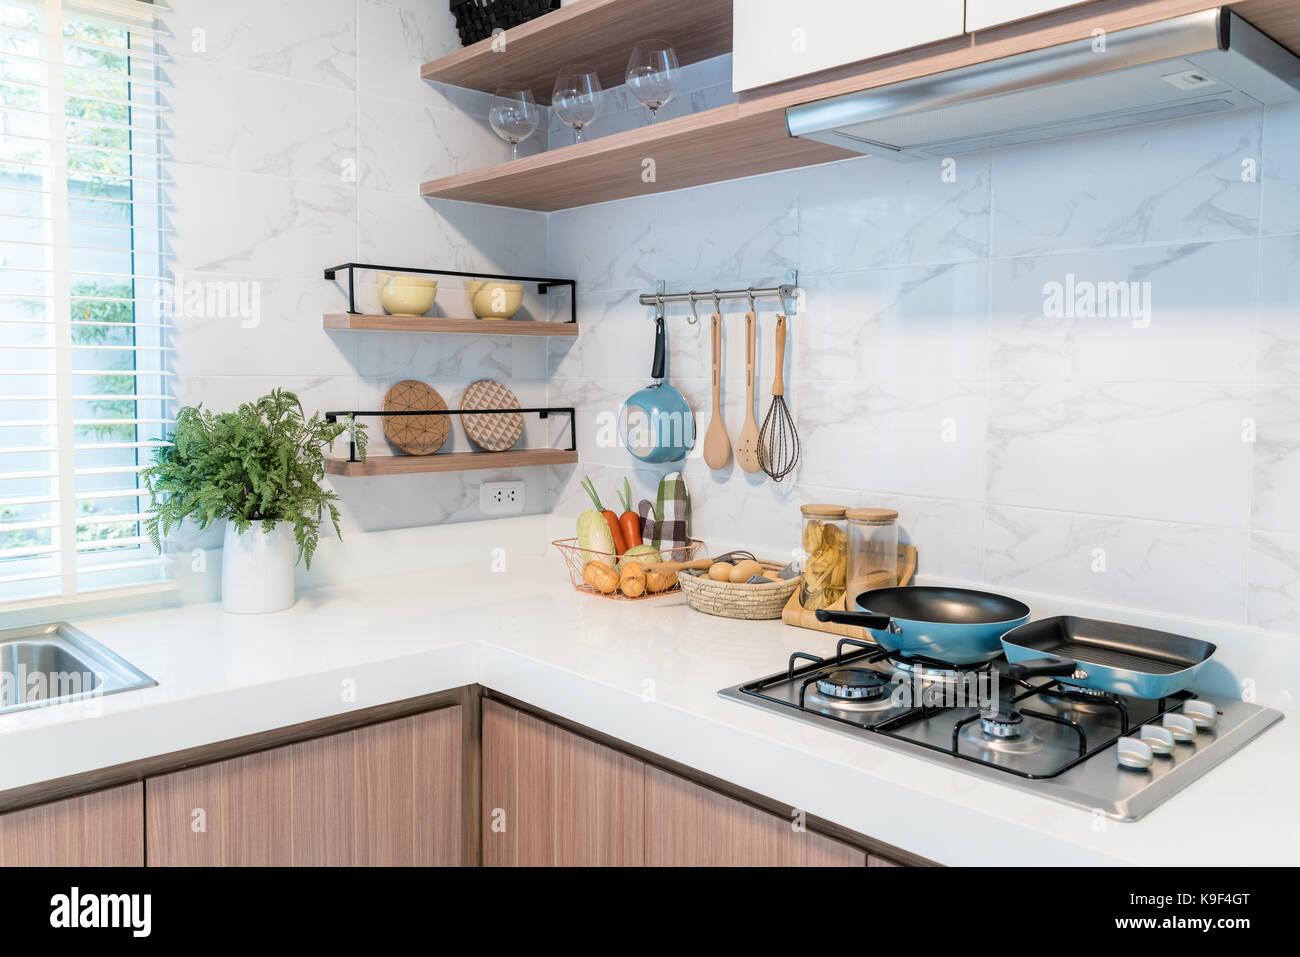 Cucina utensili da legno, chef accessori. pensili da cucina in rame ...